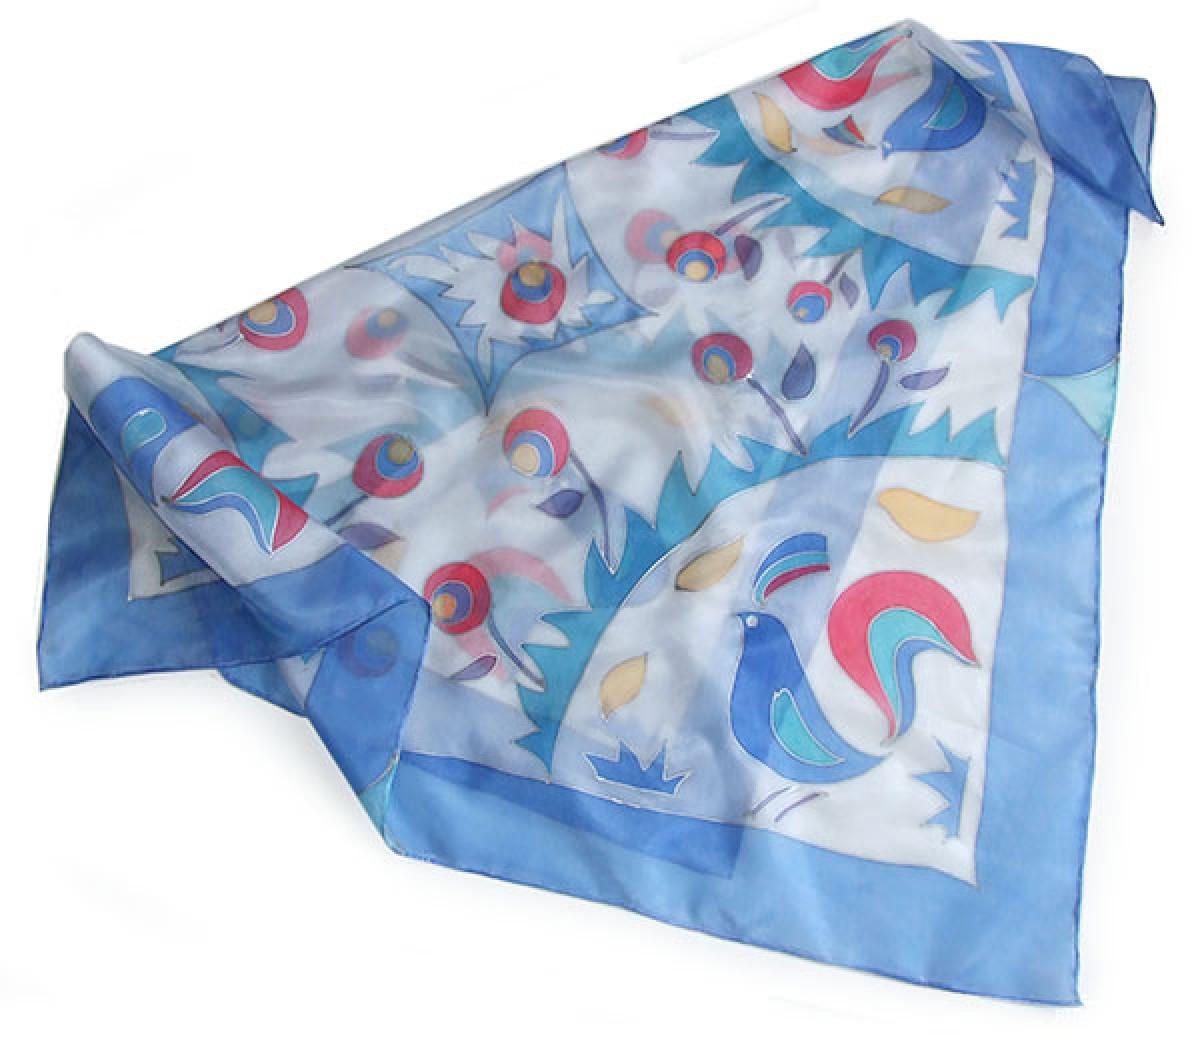 Jedwabna malowana apaszka Niebieskie kogutki